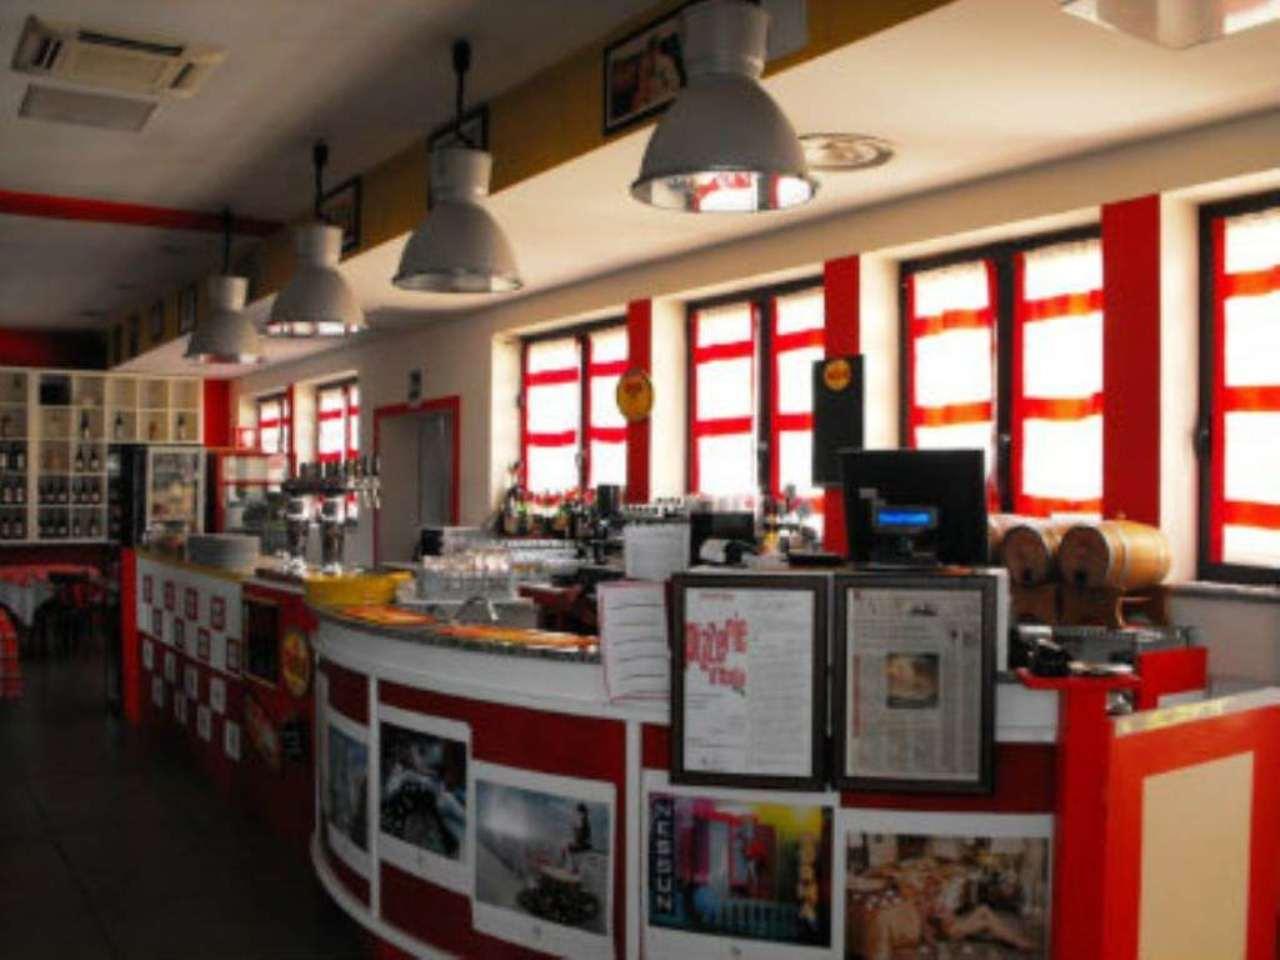 Ristorante / Pizzeria / Trattoria in vendita a Moncalieri, 9999 locali, prezzo € 150.000 | CambioCasa.it